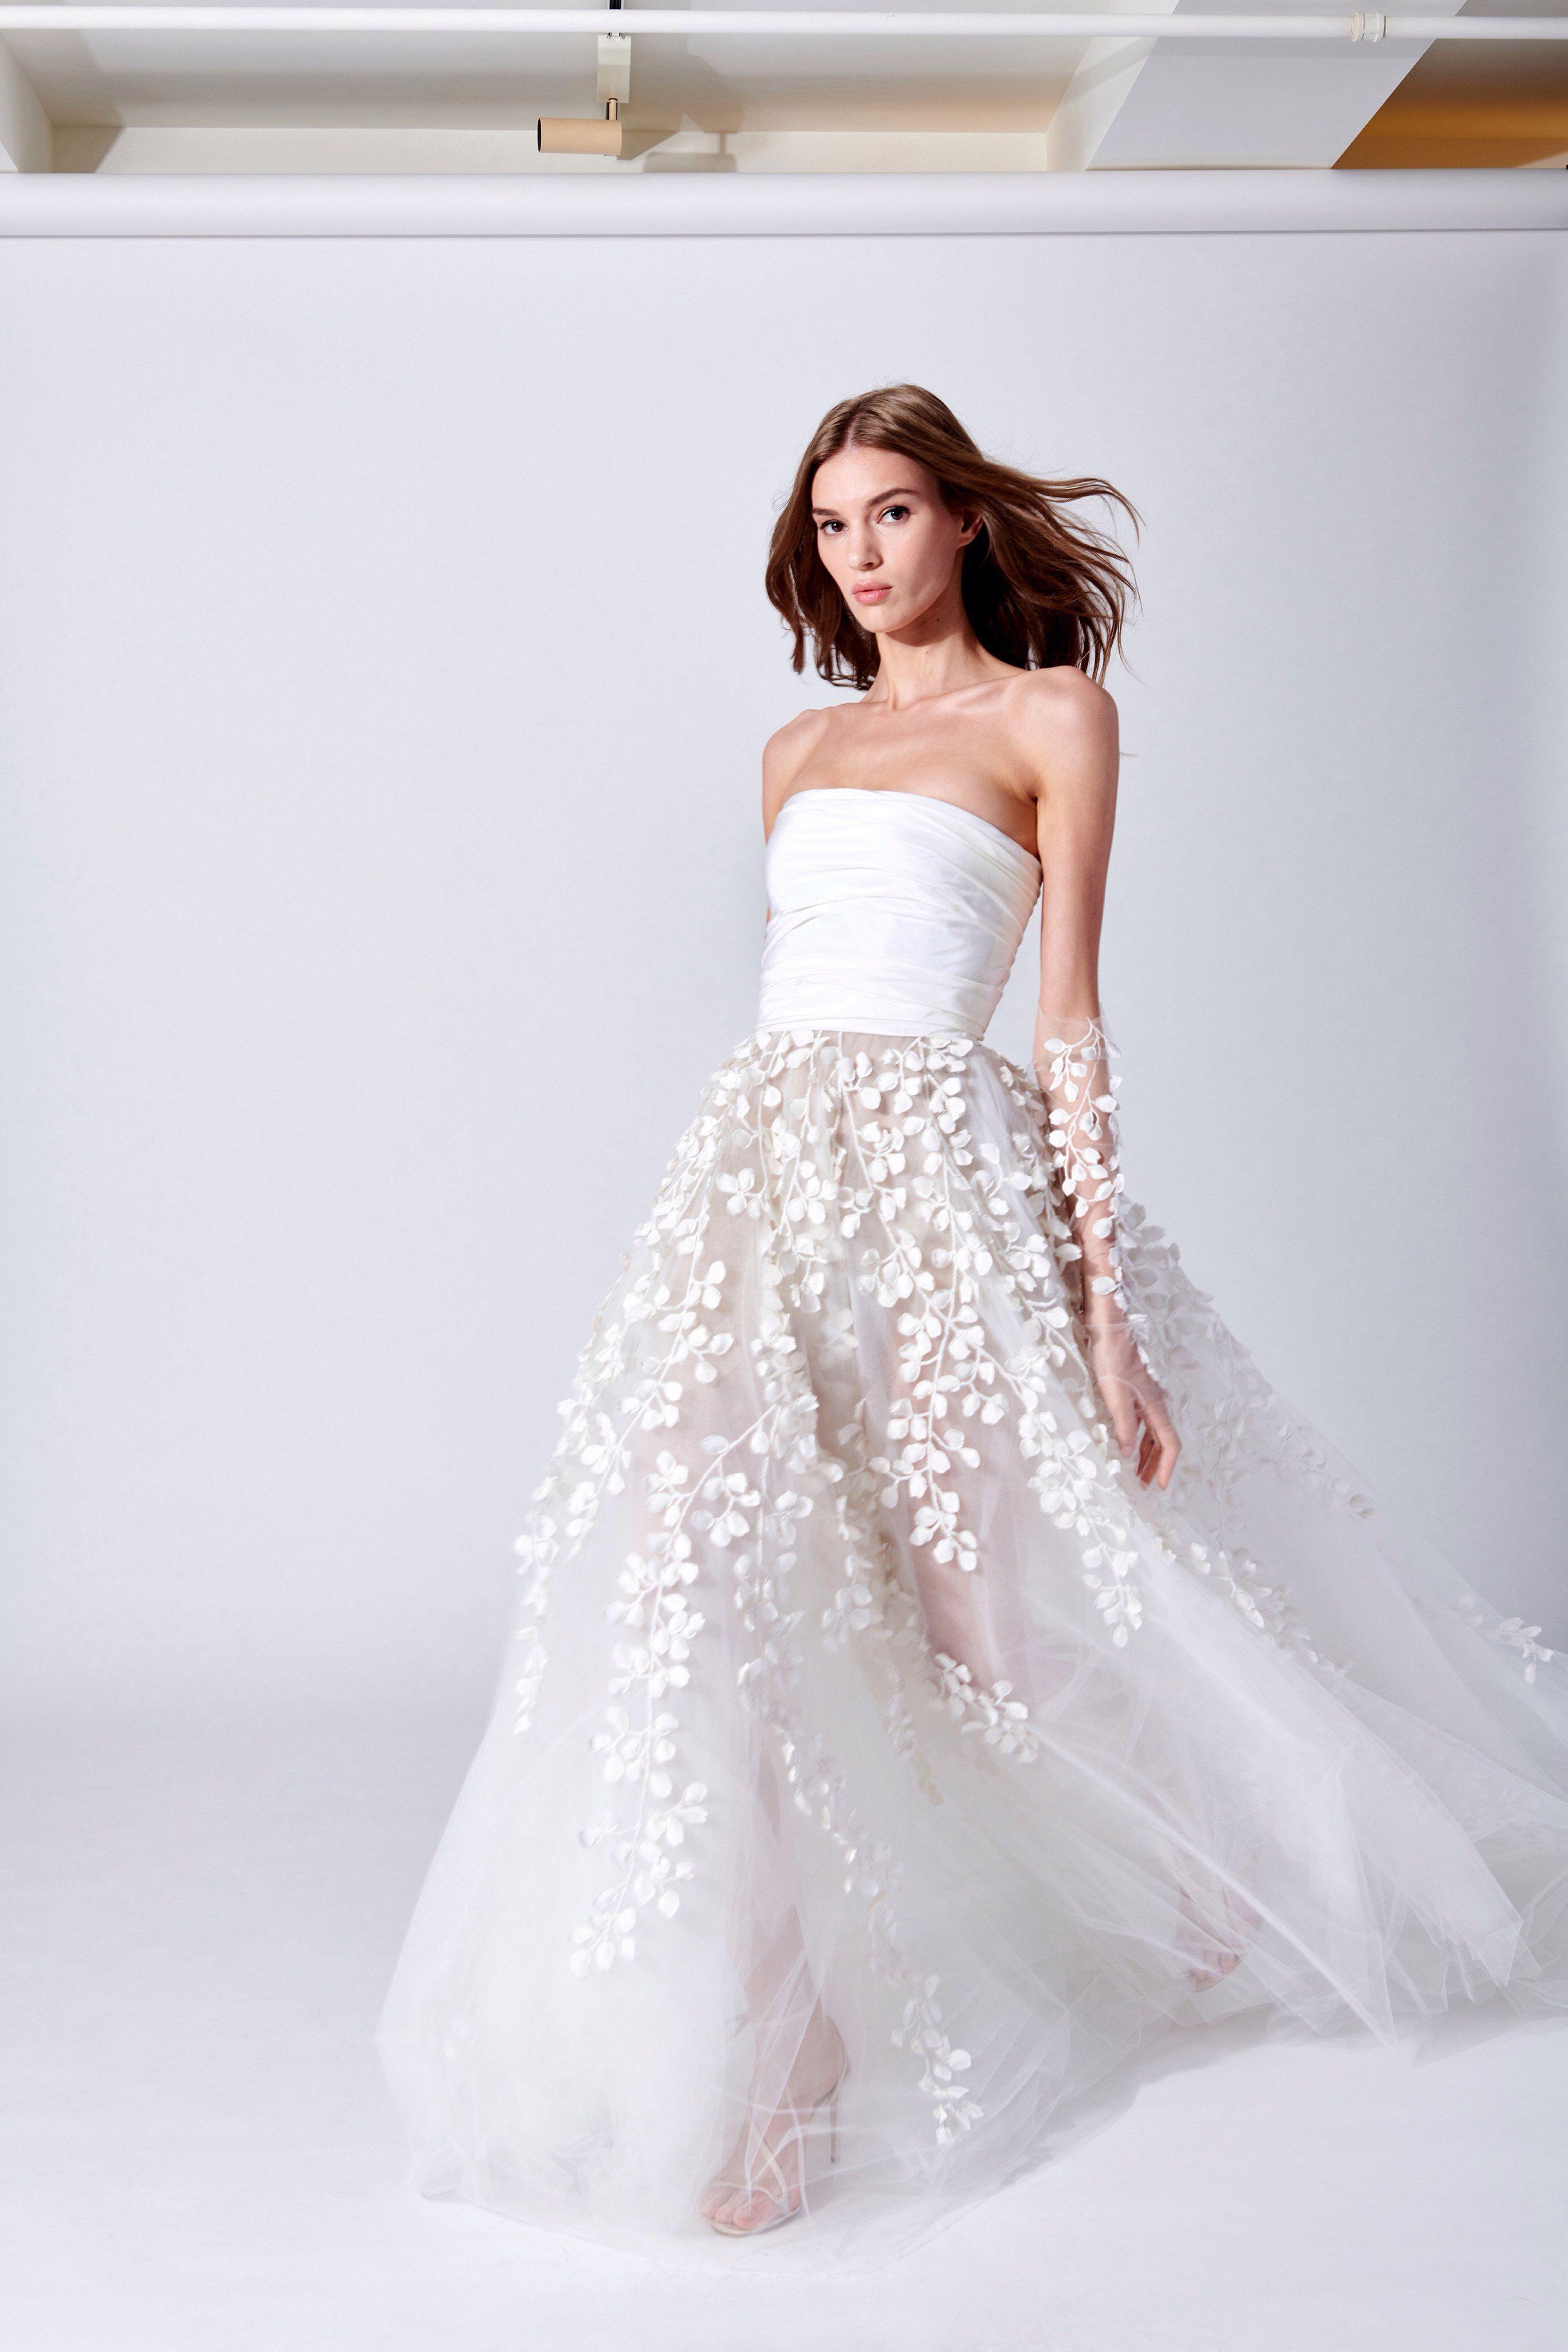 Oscar de la Renta Bridal Spring 2019 Fashion Show in 2020